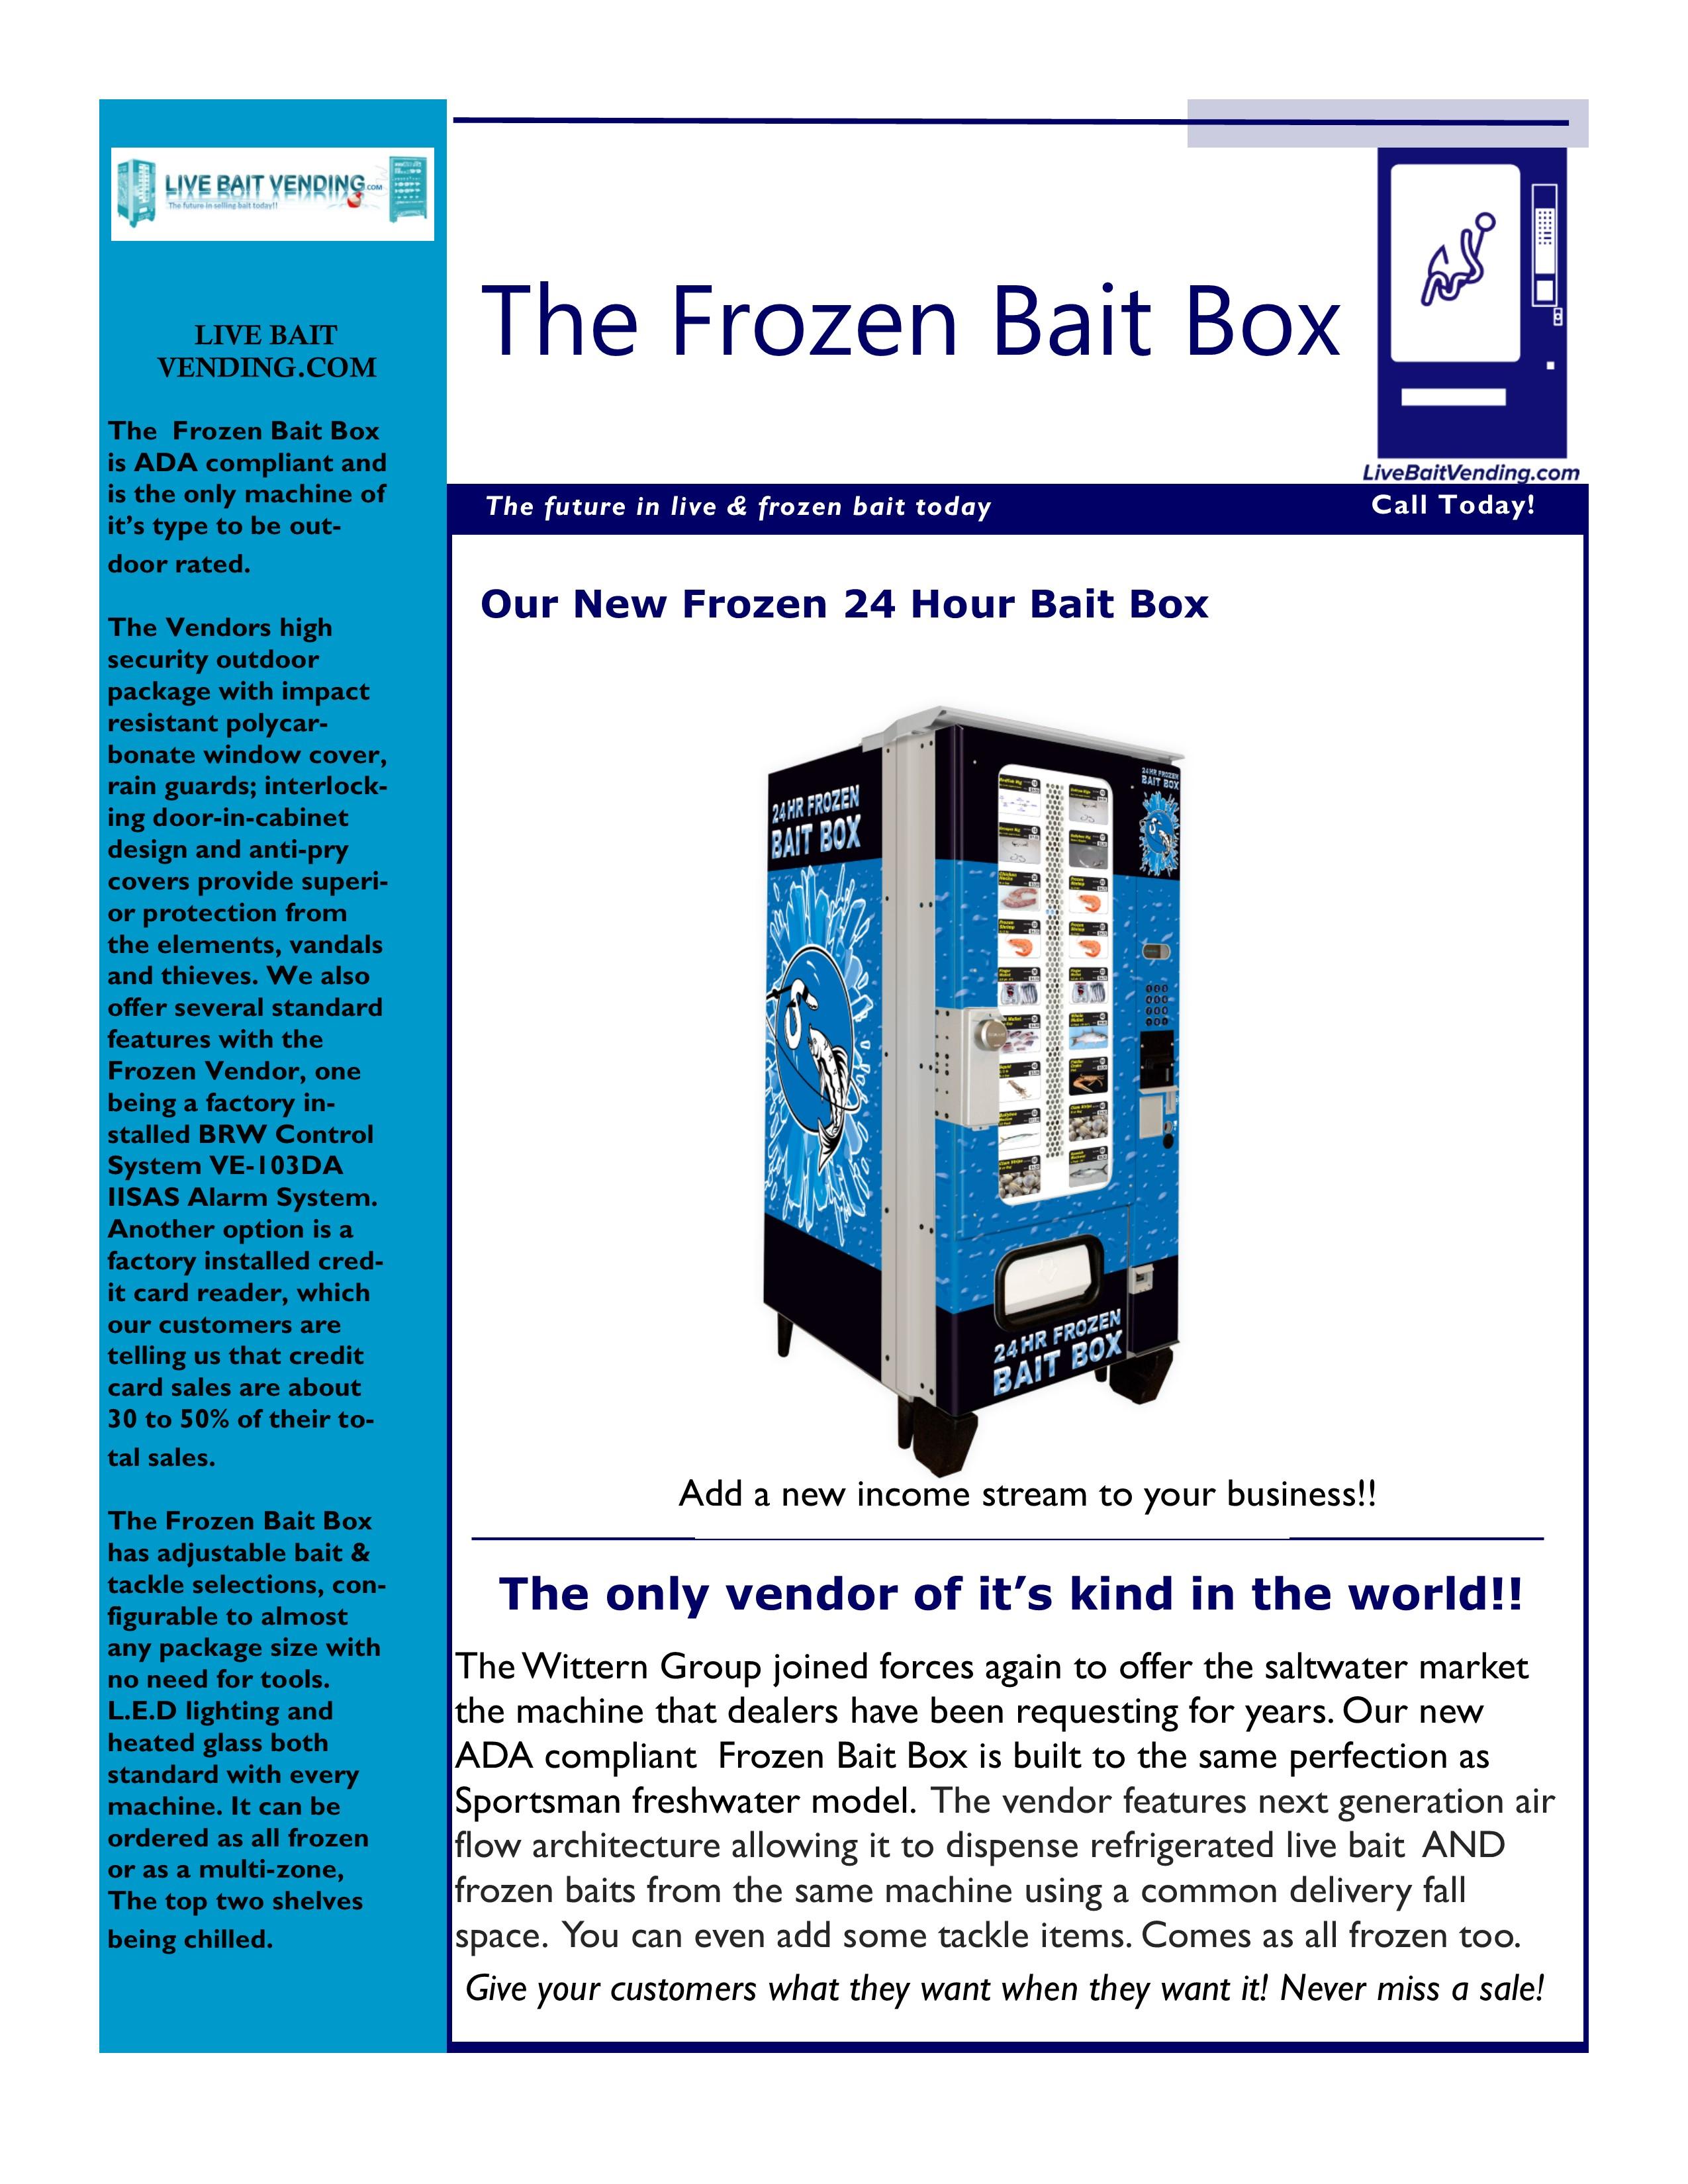 The Frozen Bait Box – Live Bait Vending com